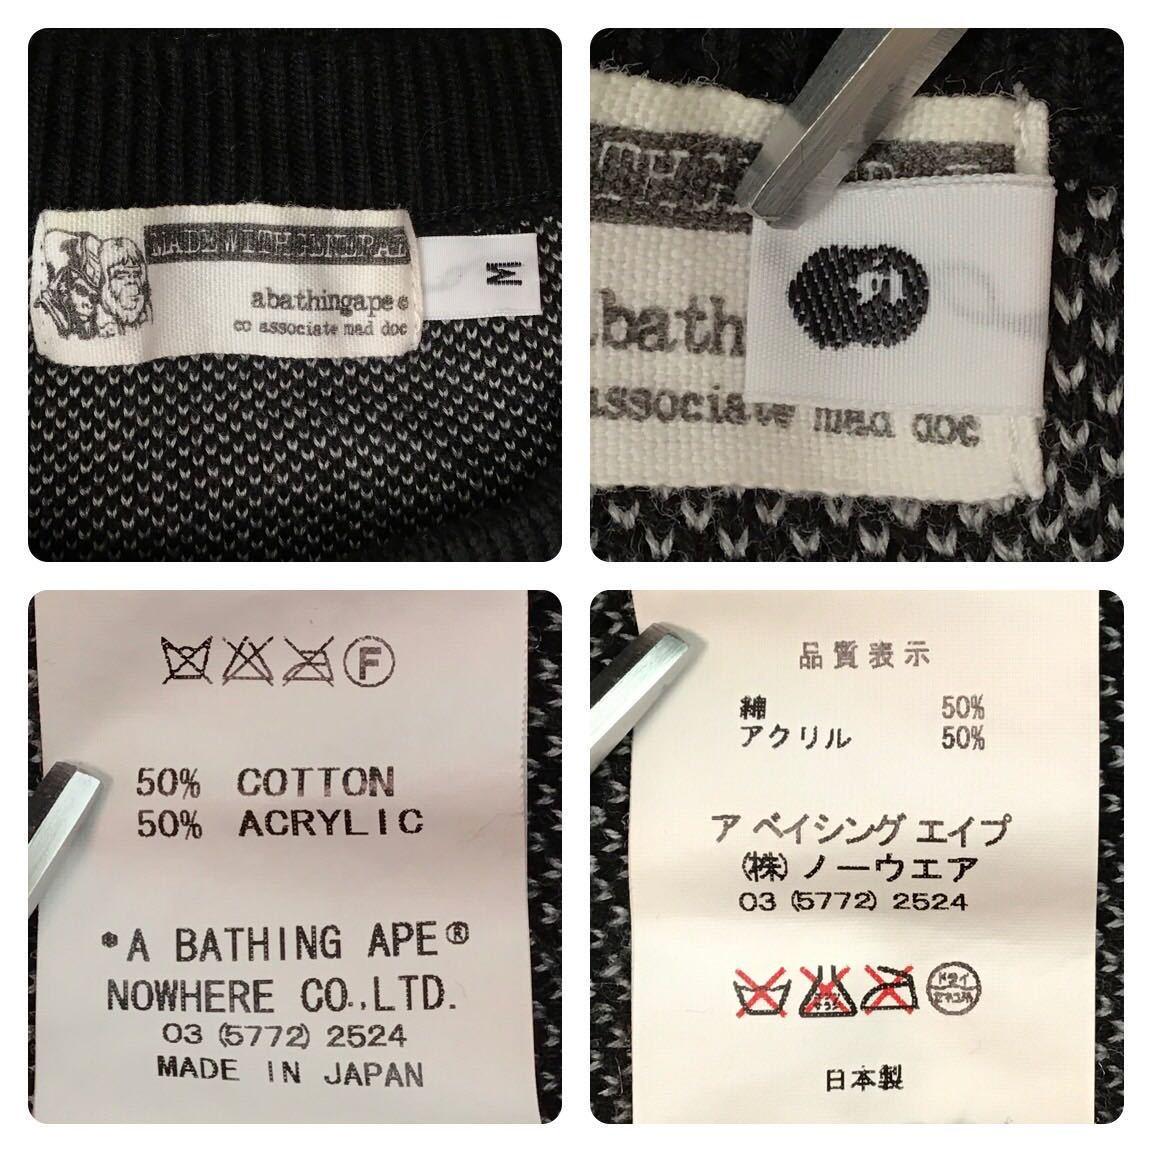 ★激レア★ kaws × BAPE Big head ニット Mサイズ a bathing ape カウズ エイプ ベイプ アベイシングエイプ knit nigo 3321